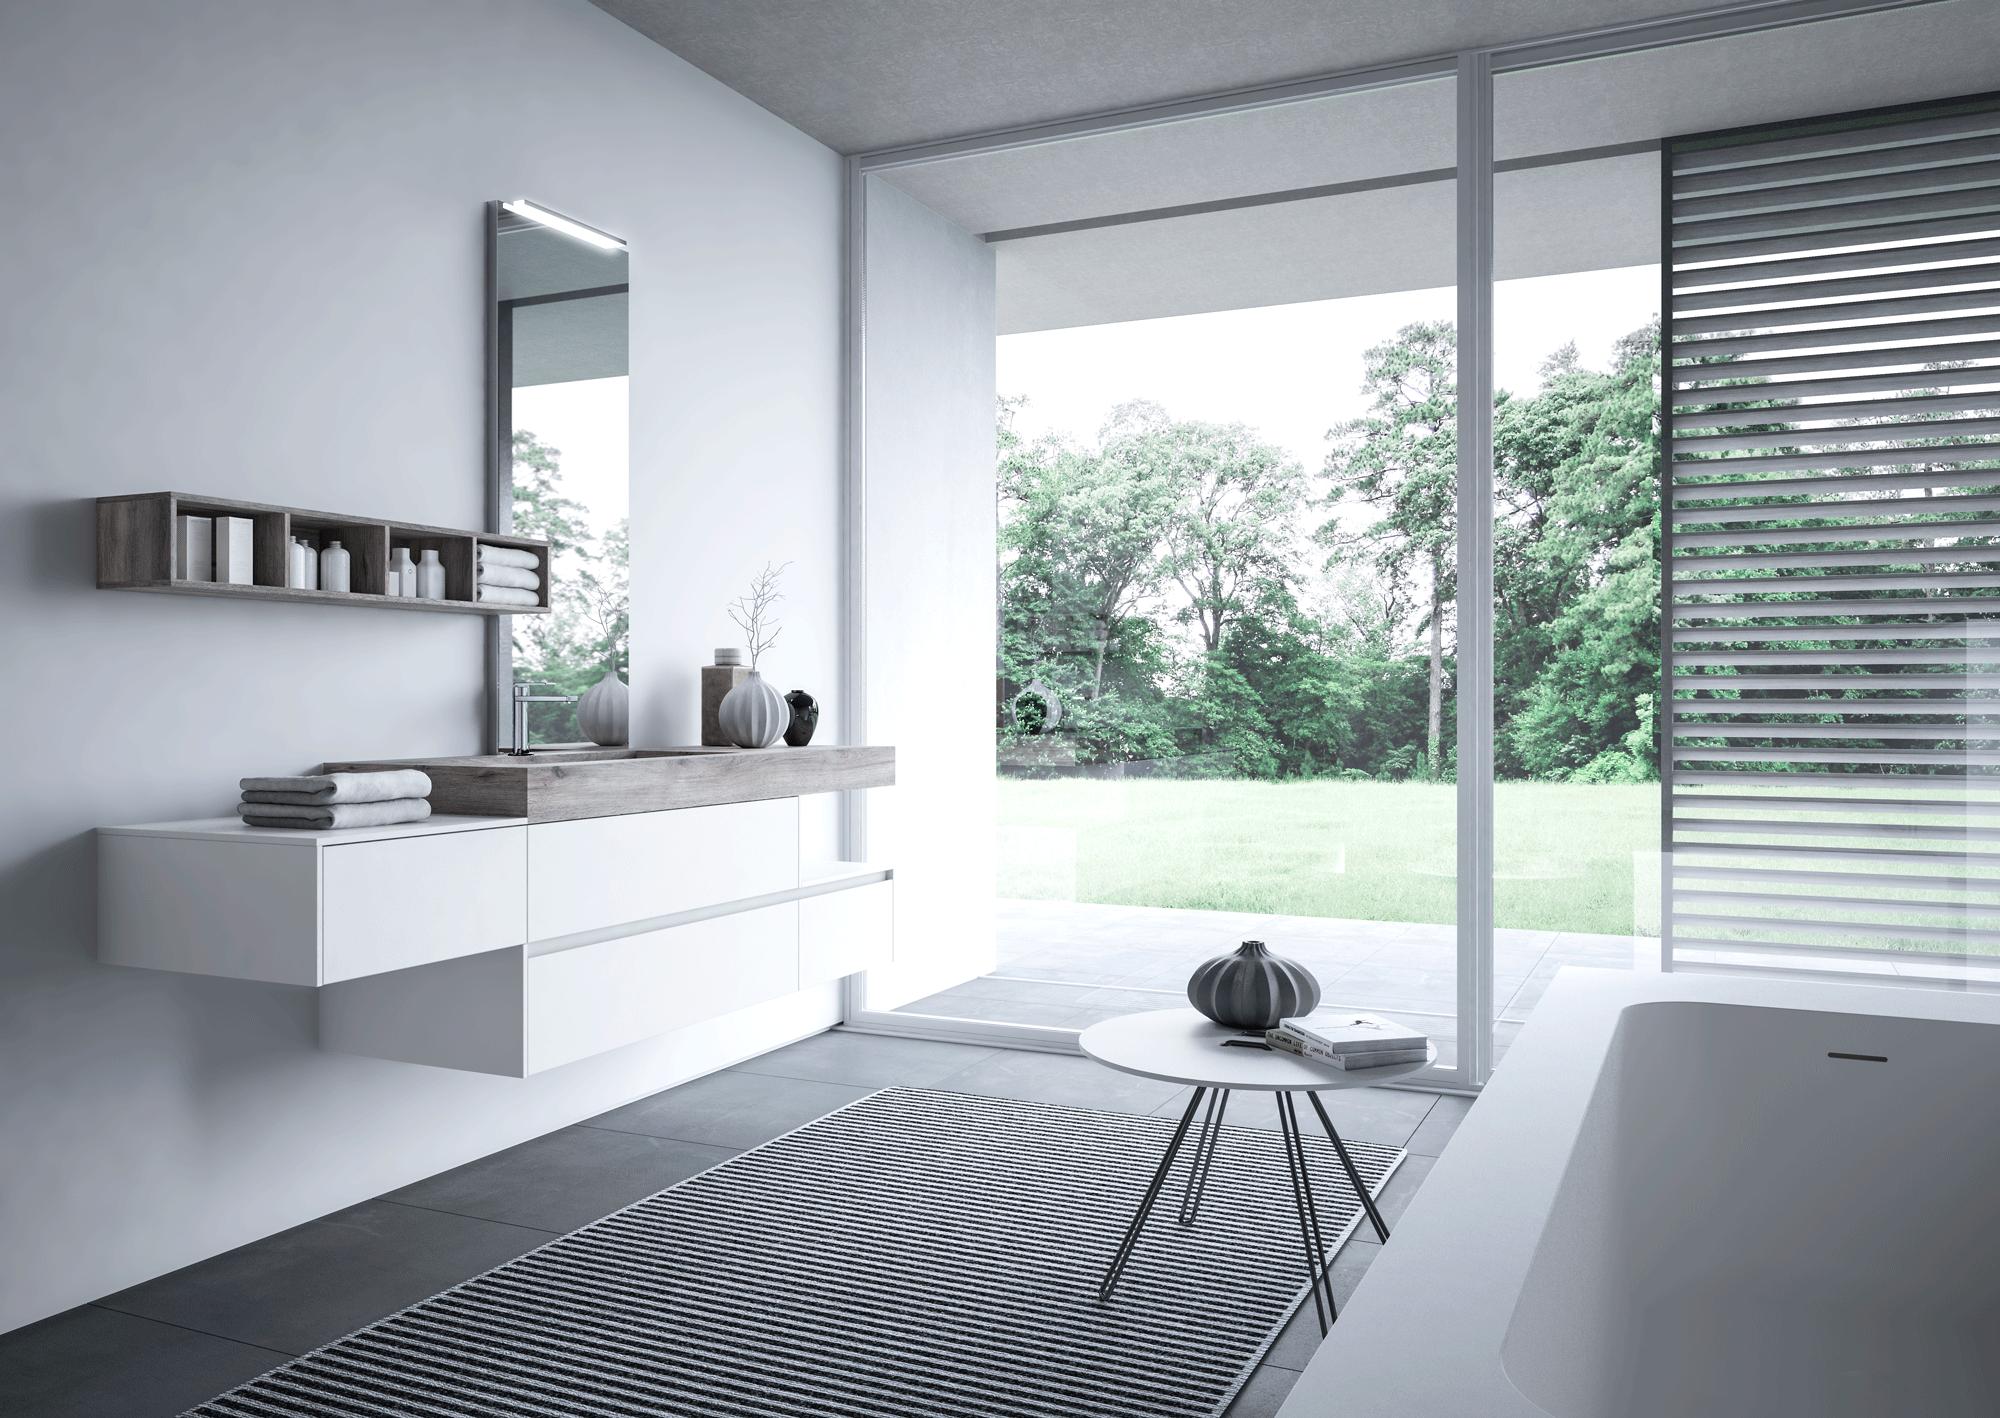 bagno total white e grigio: idee di arredo - Arredo Bagno Aqua